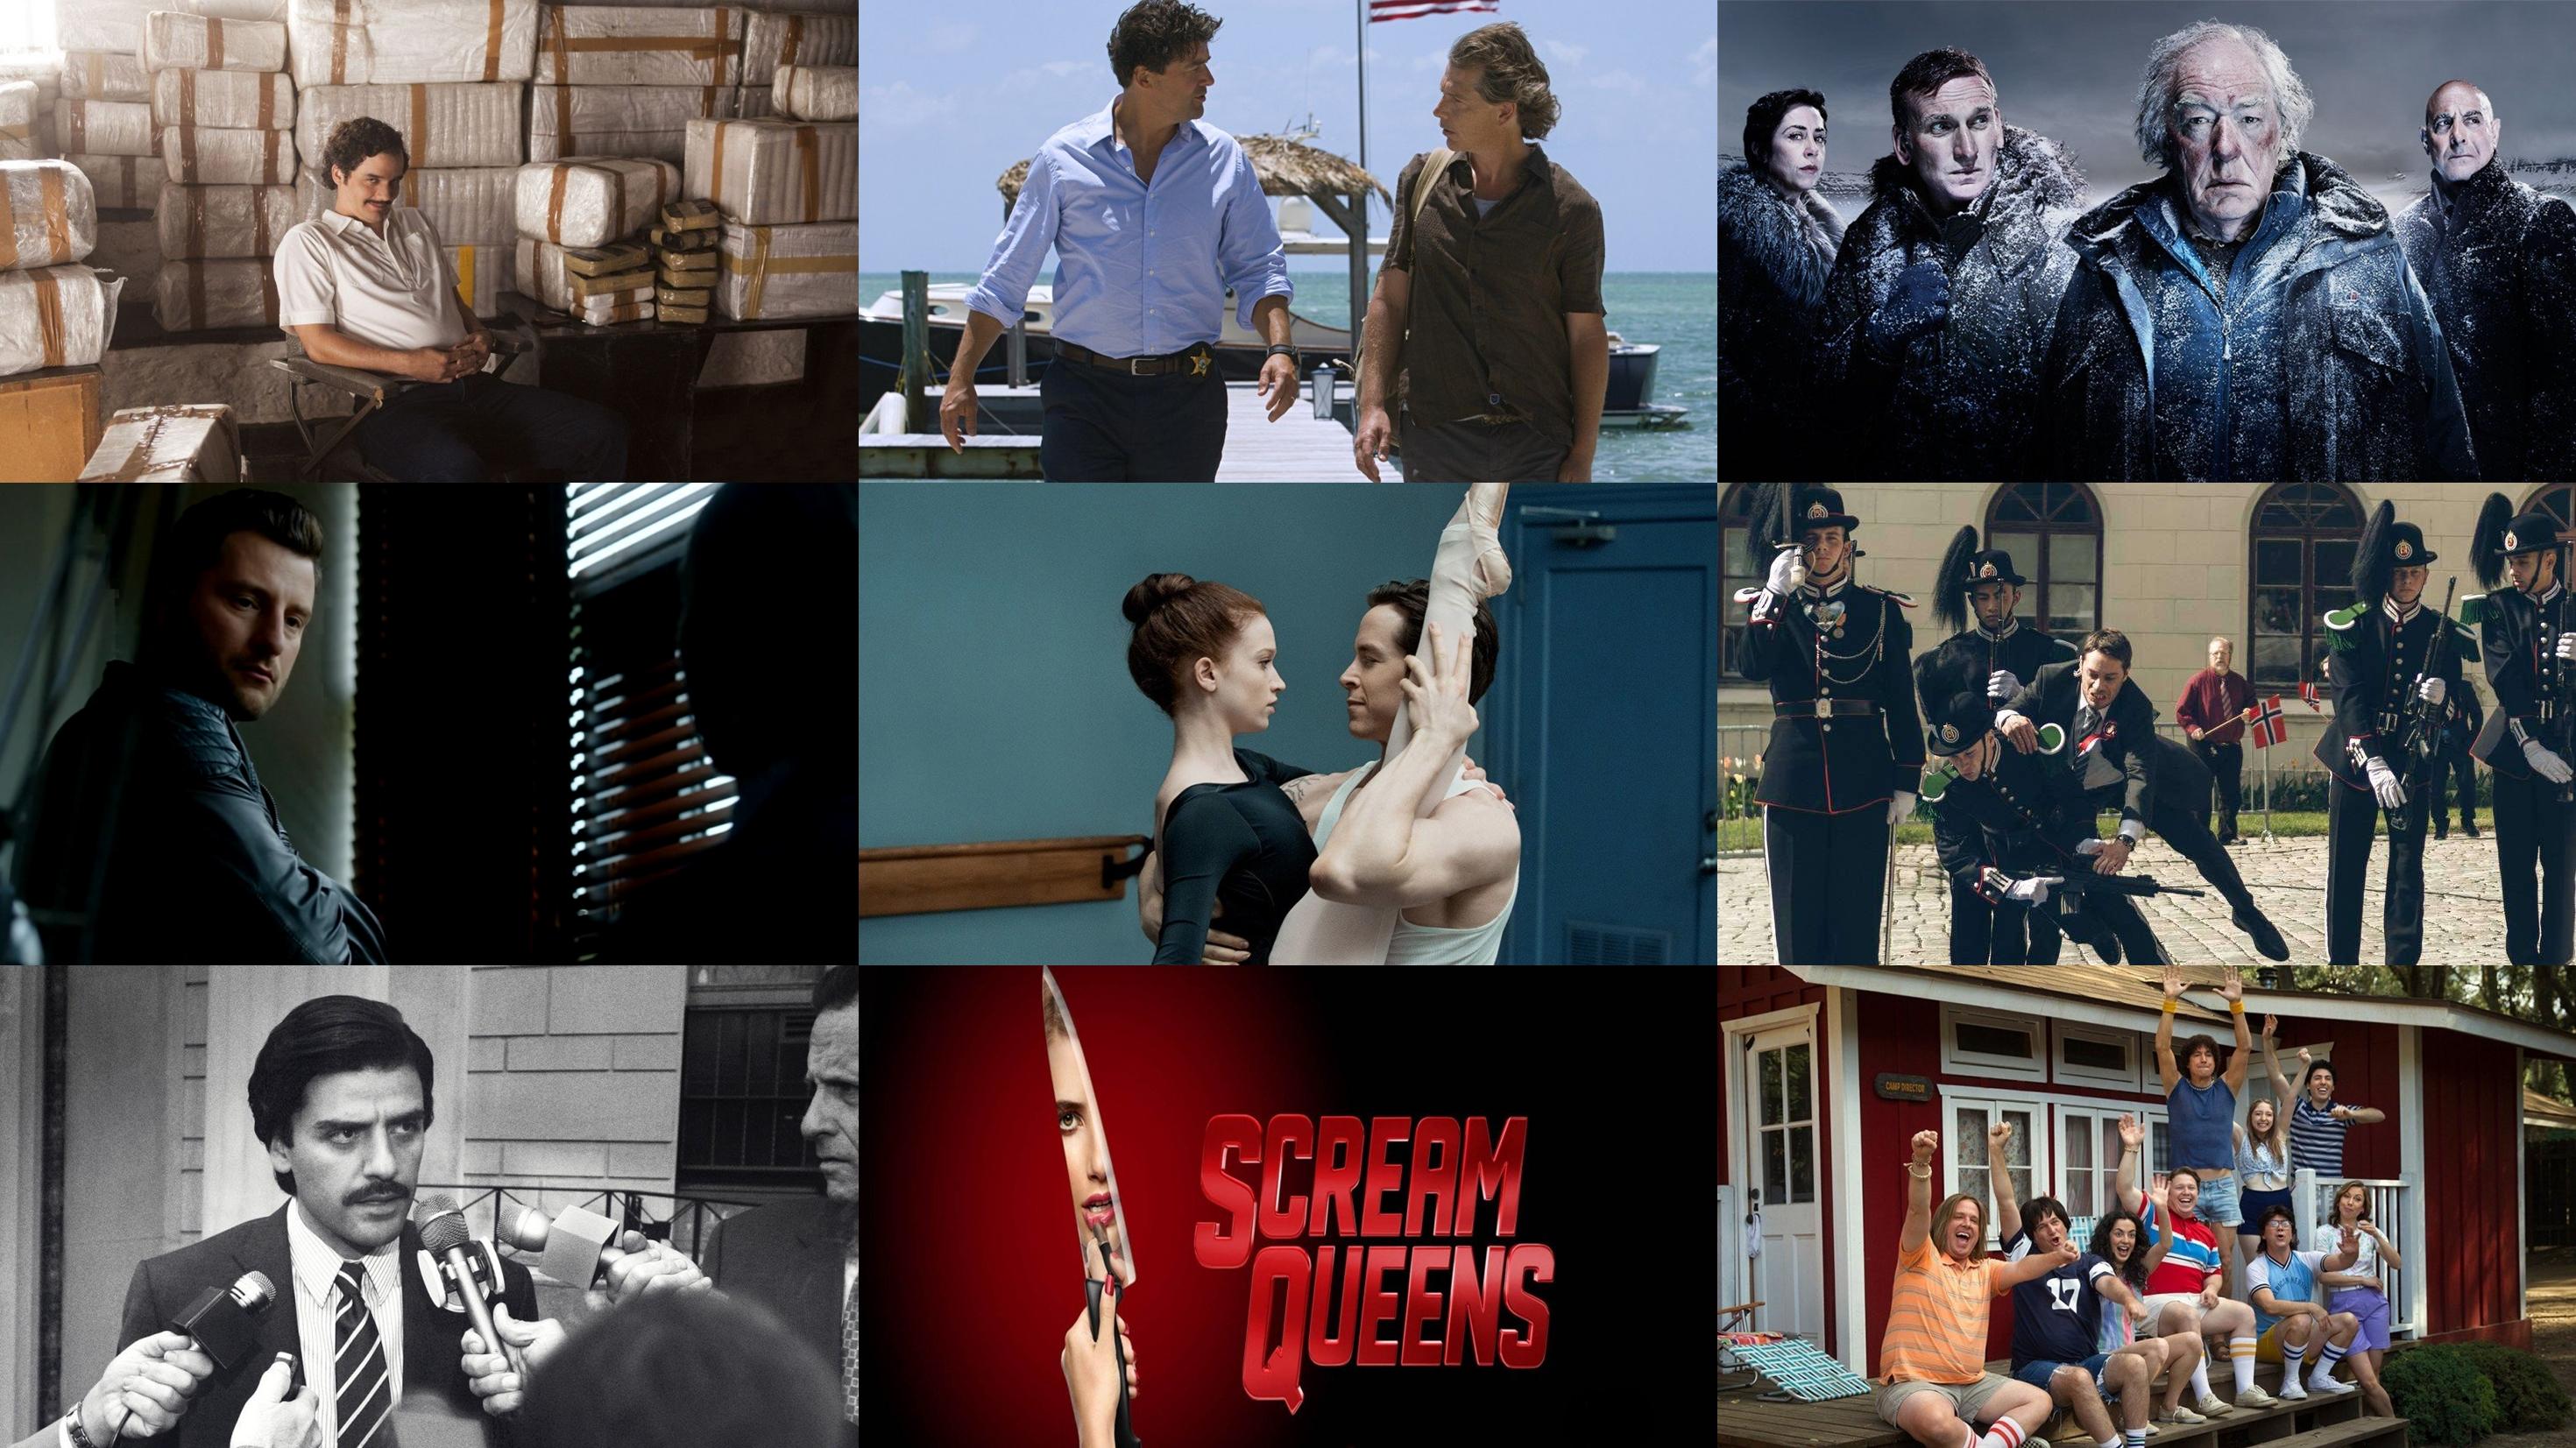 Nie wiesz, co oglądać? Sprawdź najlepsze debiuty serialowe 2015 roku